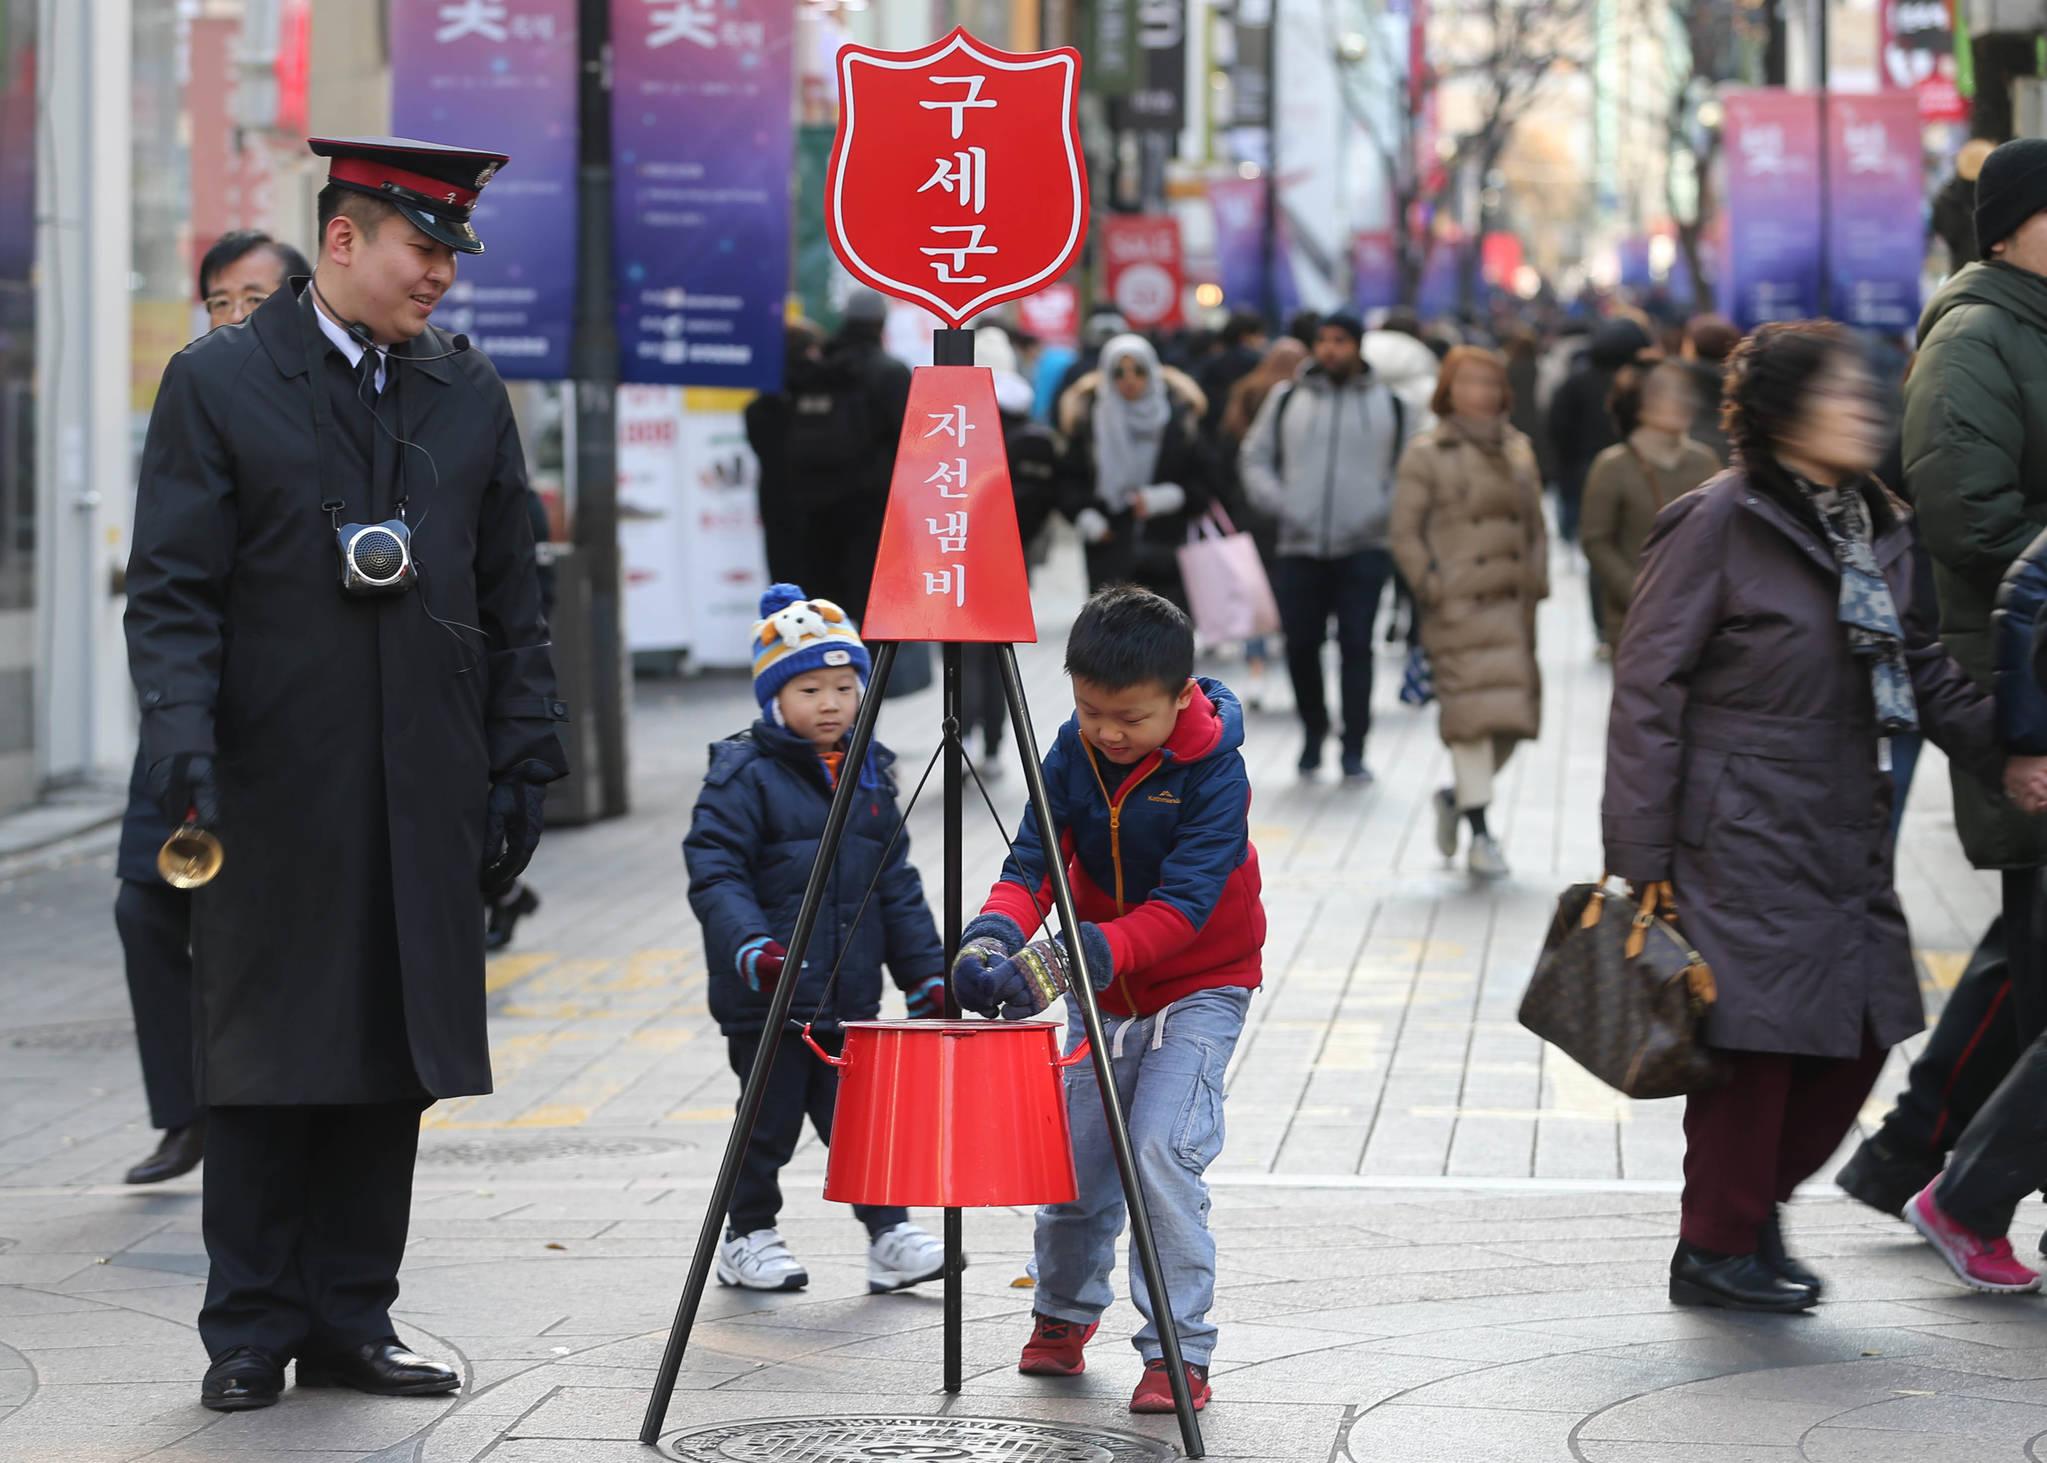 서울 명동거리 구세군 자선냄비에 형제가 함깨 성금을 넣고 있다. 신인섭 기자